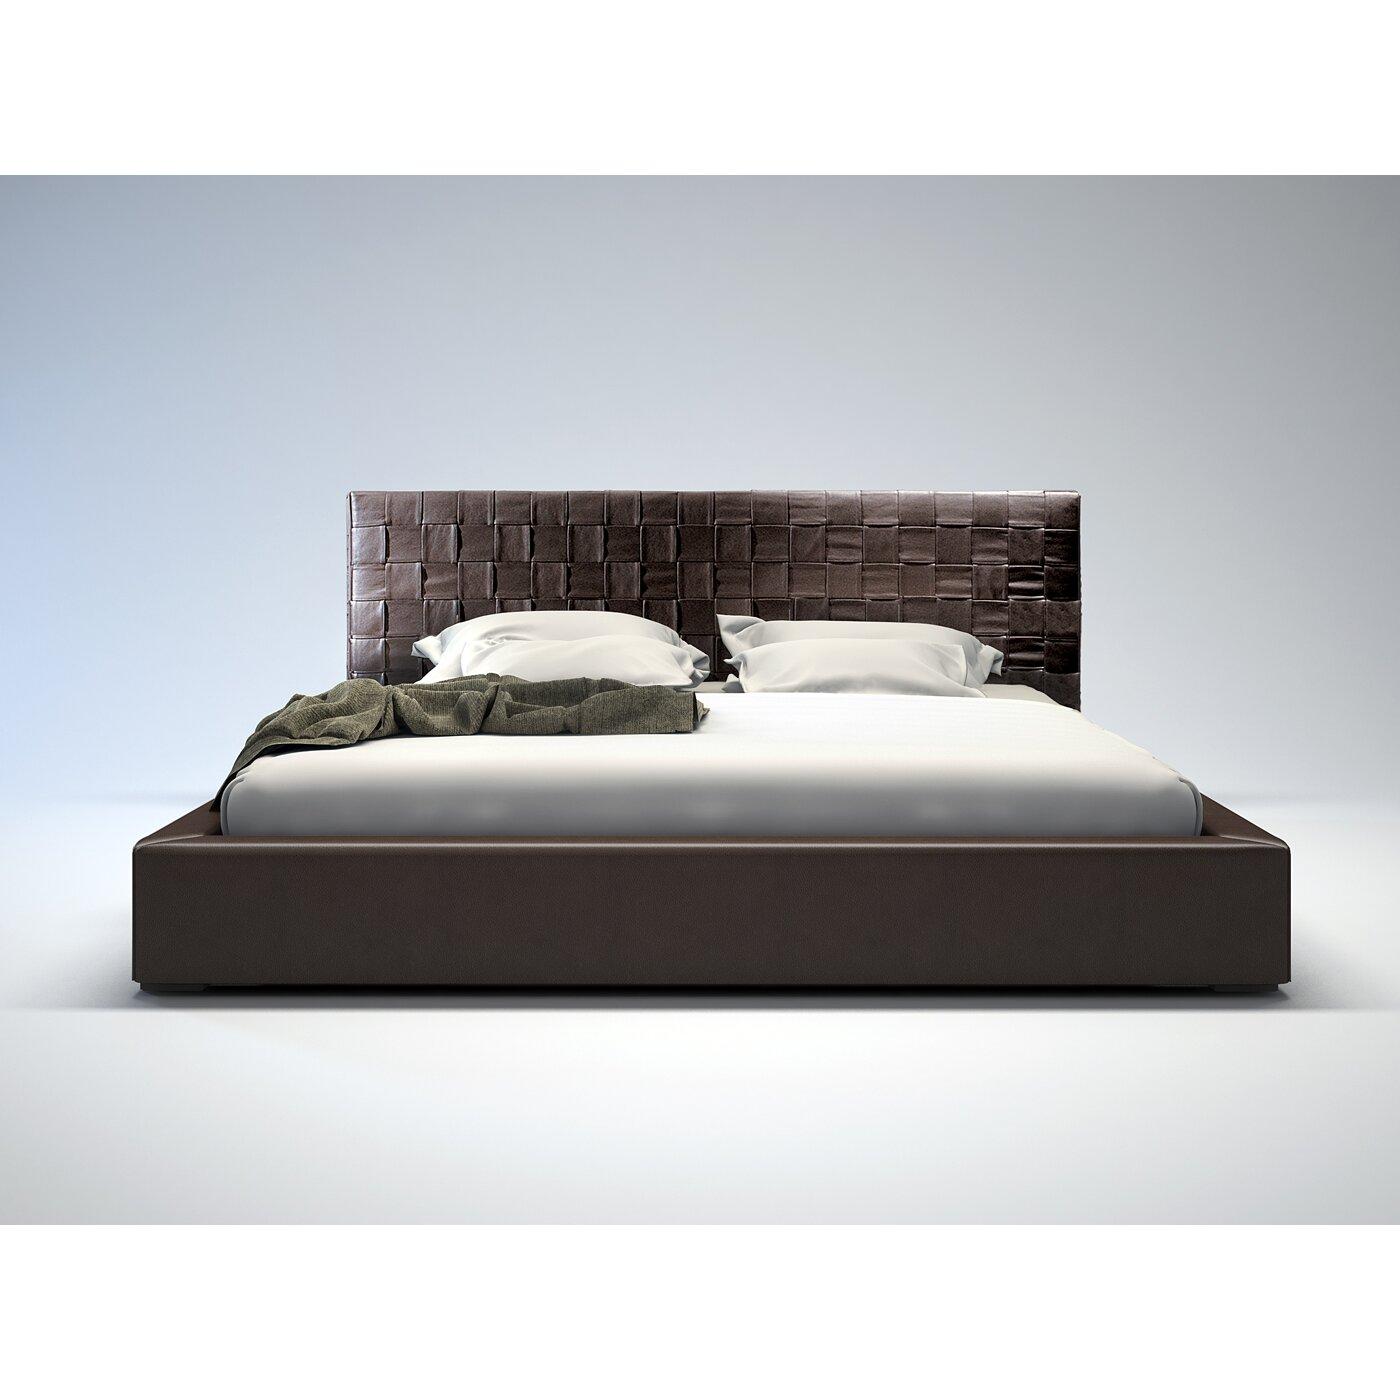 Modloft Madison Upholstered Platform Bed Reviews Wayfair